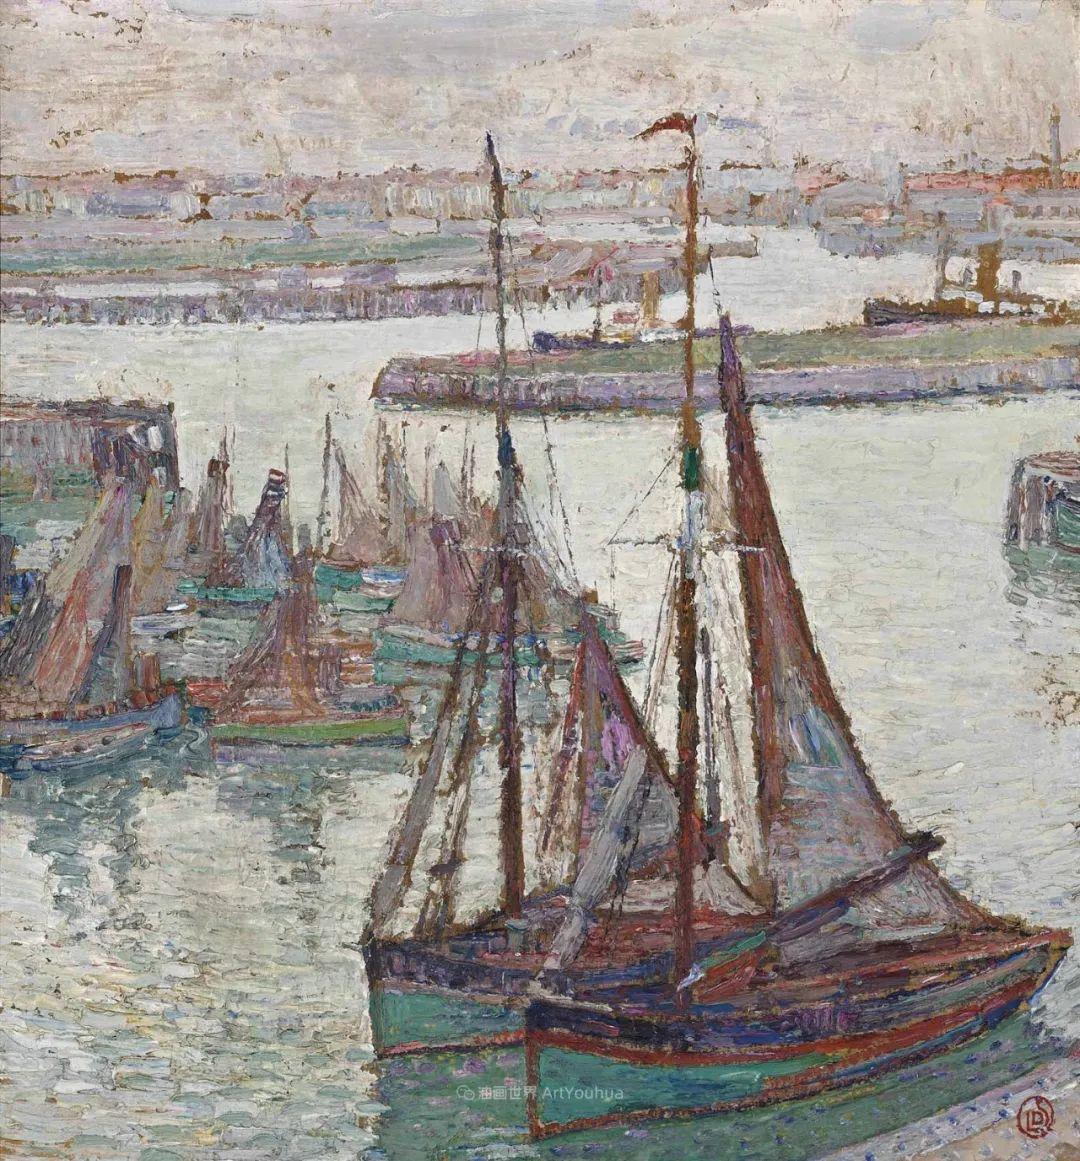 比利时画家 Léon de Smet  莱昂·德·史密特  作品欣赏插图43